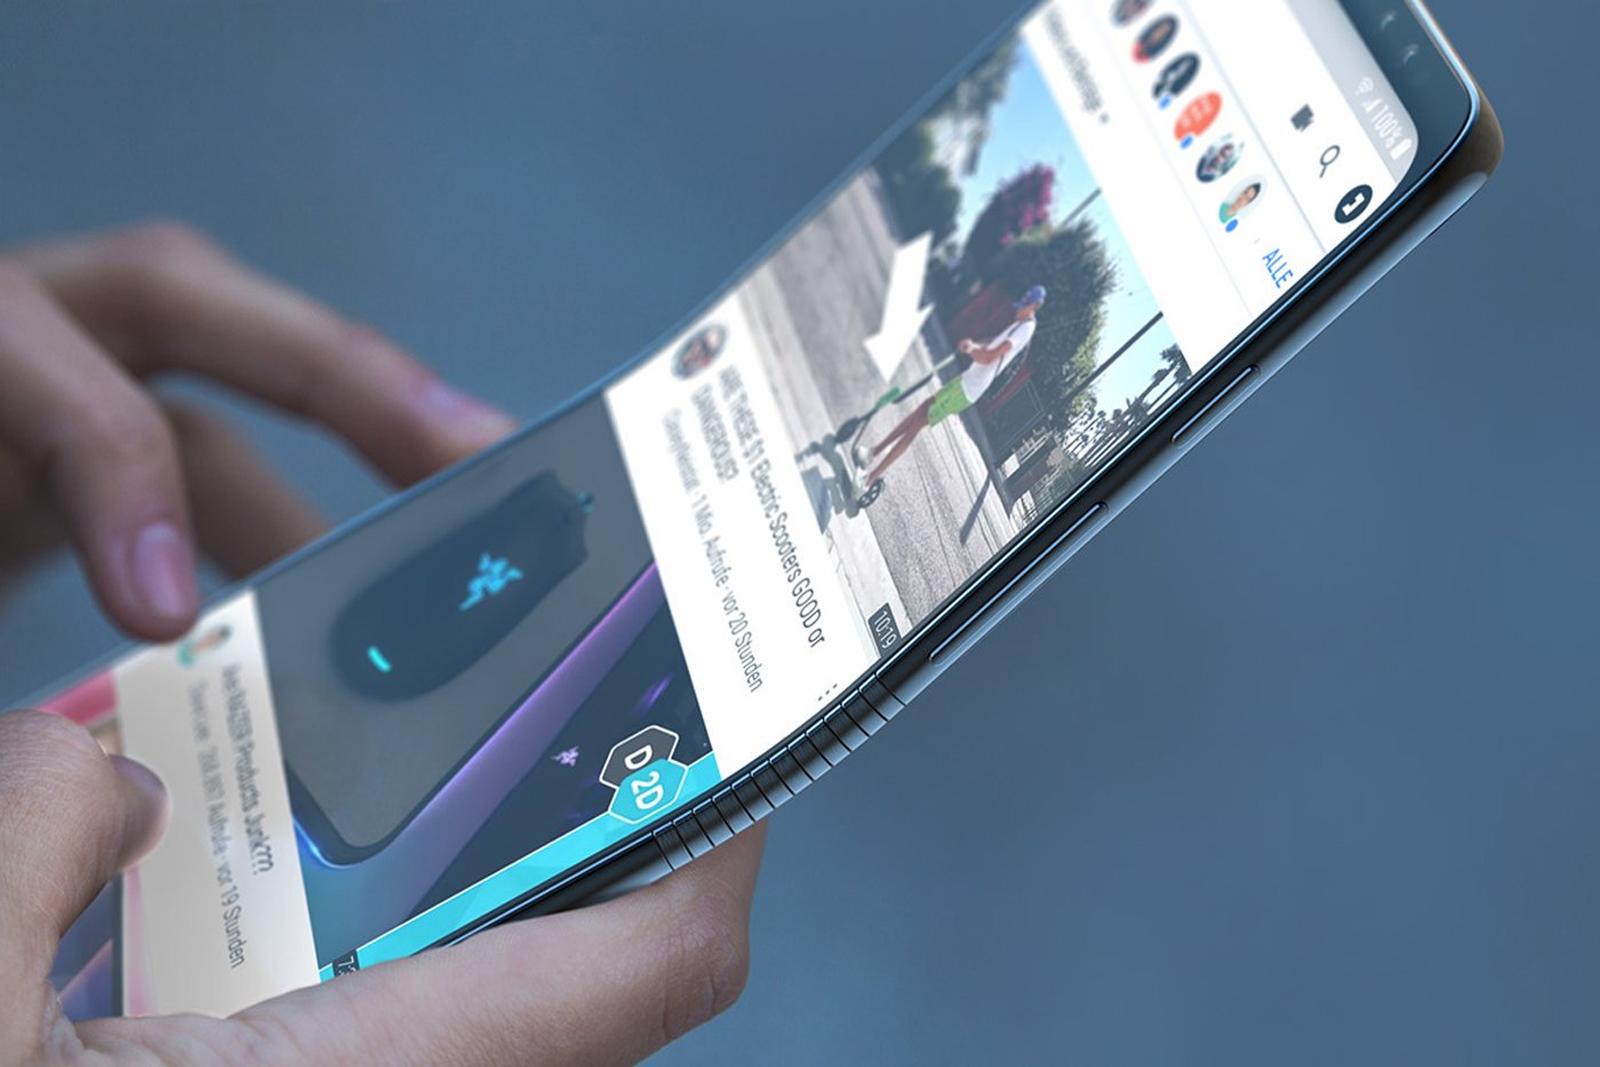 بالفيديو.. سامسونغ تعلن بالخطأ عن أول هاتف قابل للطي